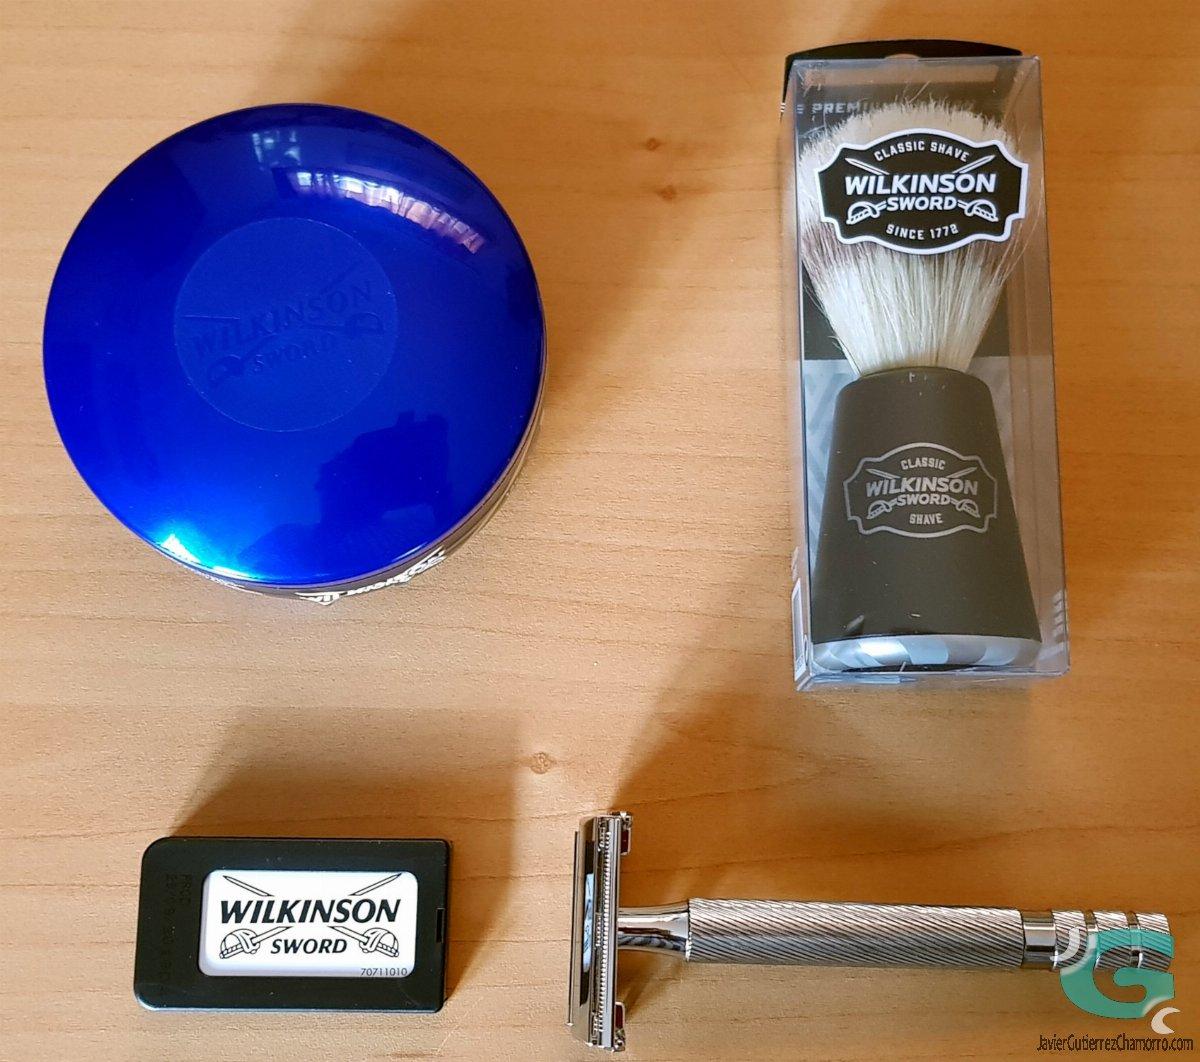 ¿Cómo elegir buenos productos de afeitado?